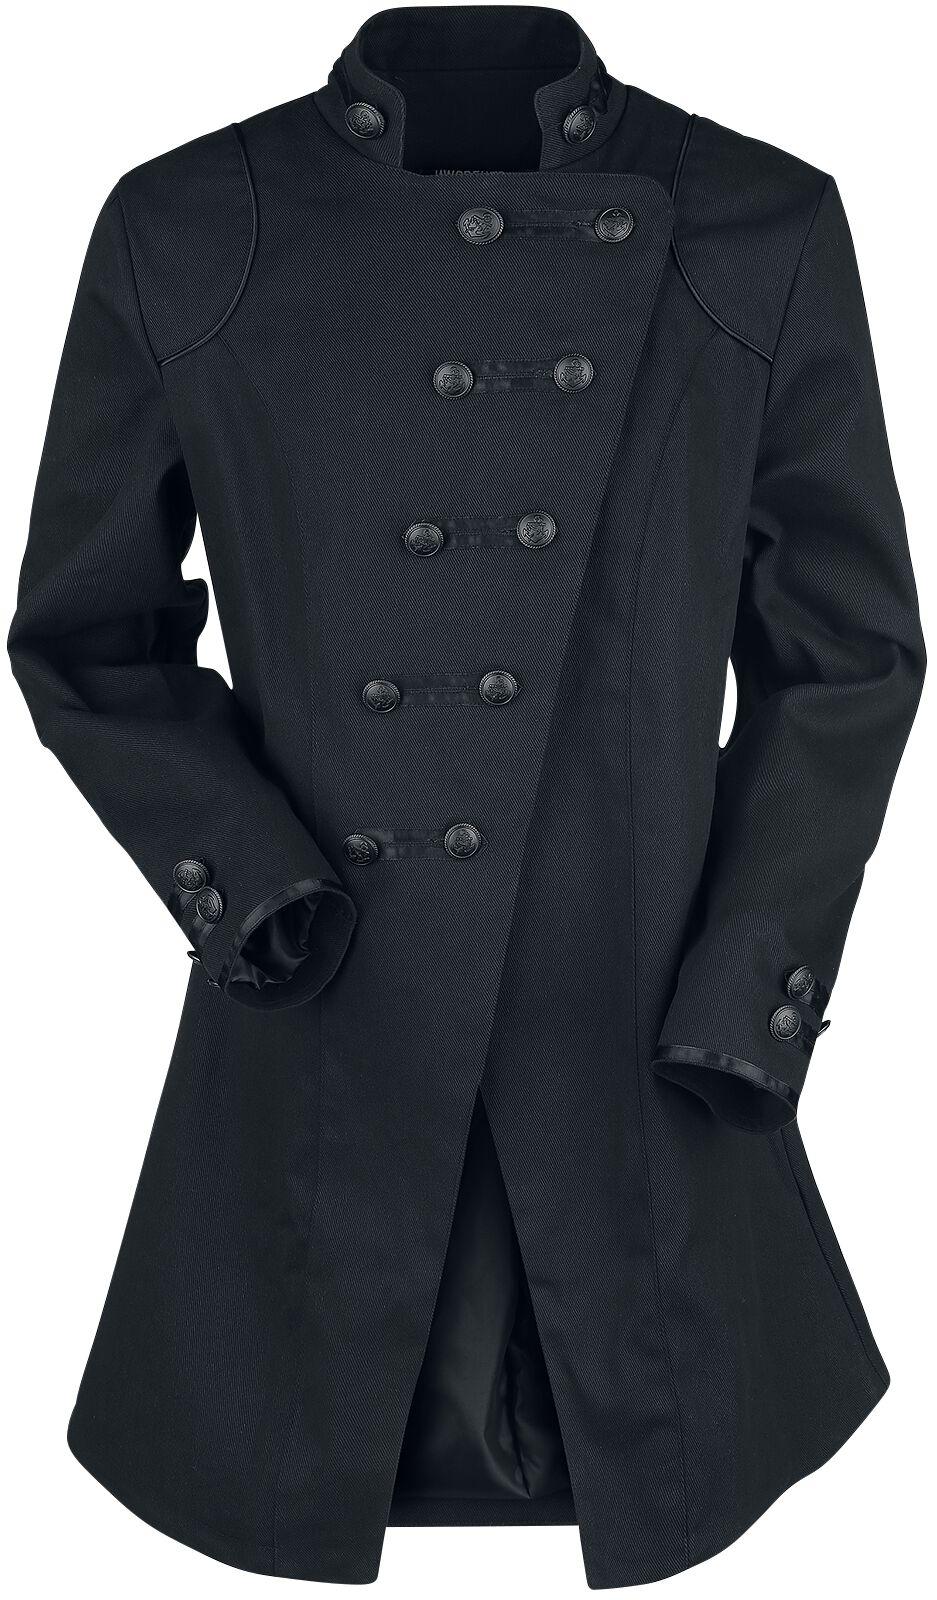 Marki - Płaszcze - Płaszcz Jawbreaker Gothic Mantel Płaszcz czarny - 367884